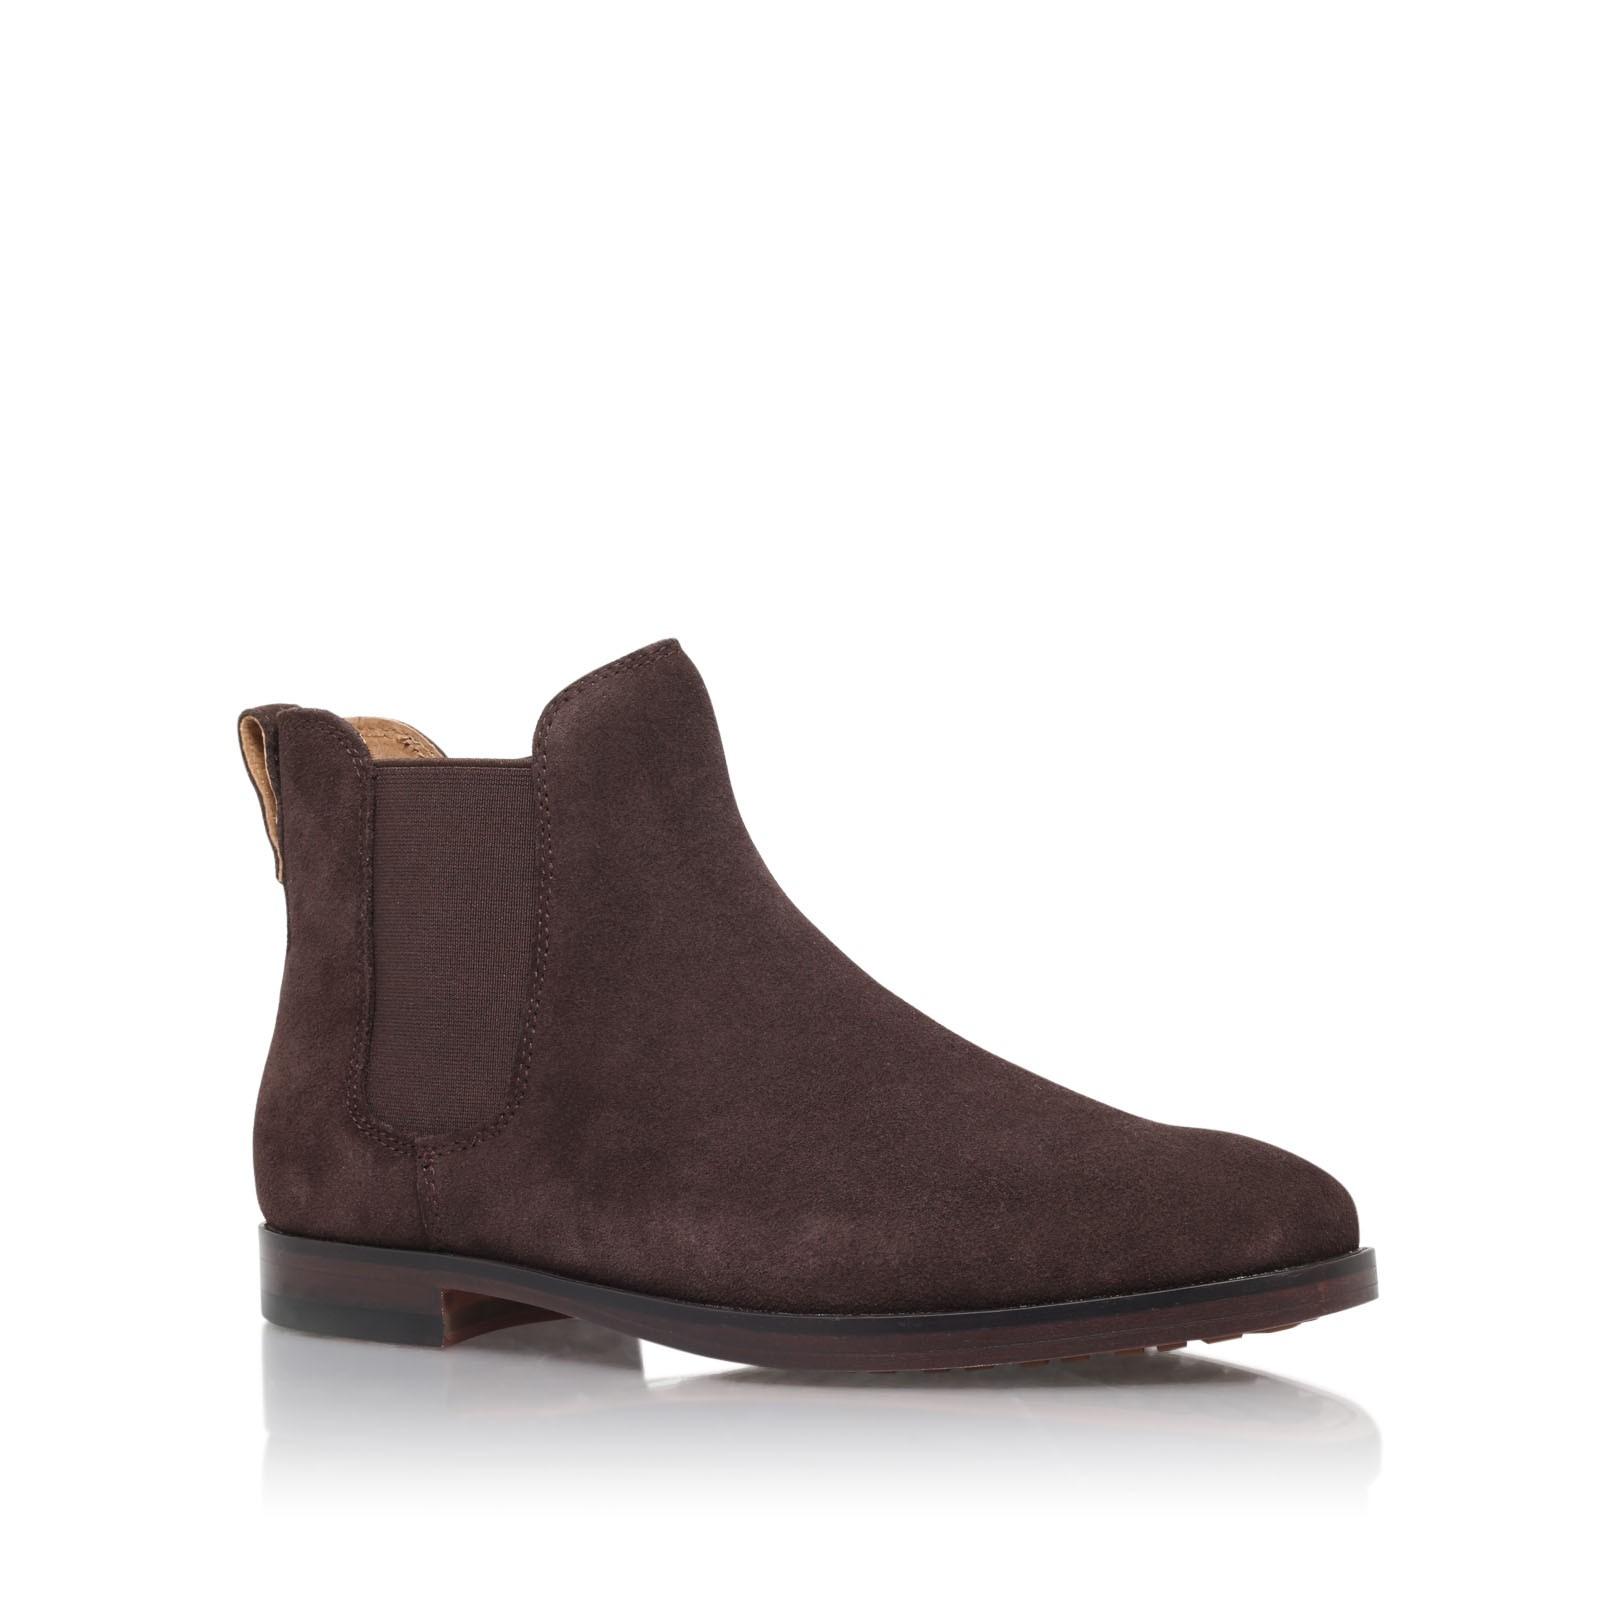 ugg boots discount ralph lauren polo shirts